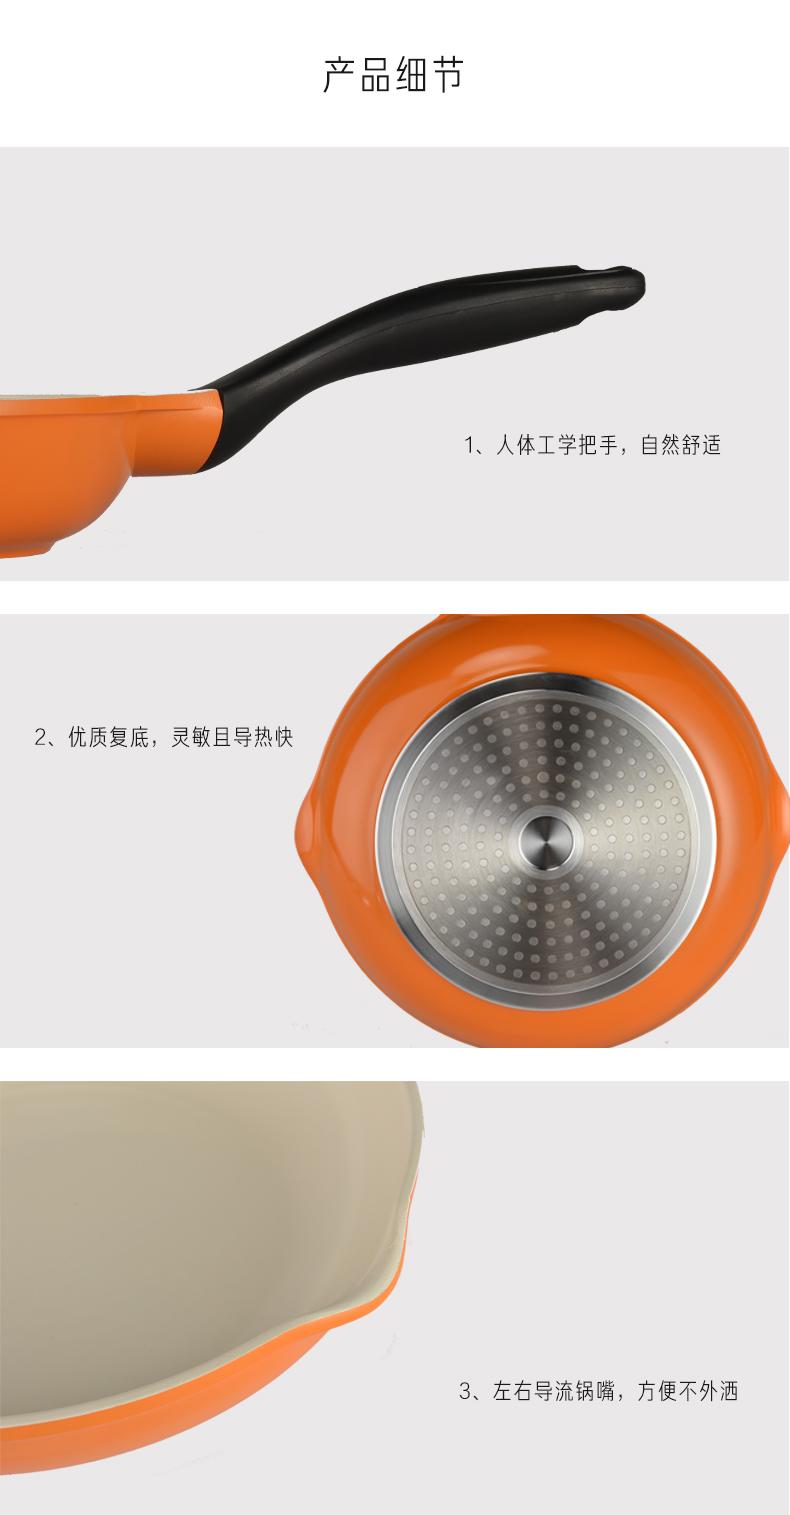 橙色煎锅详情页_08.jpg